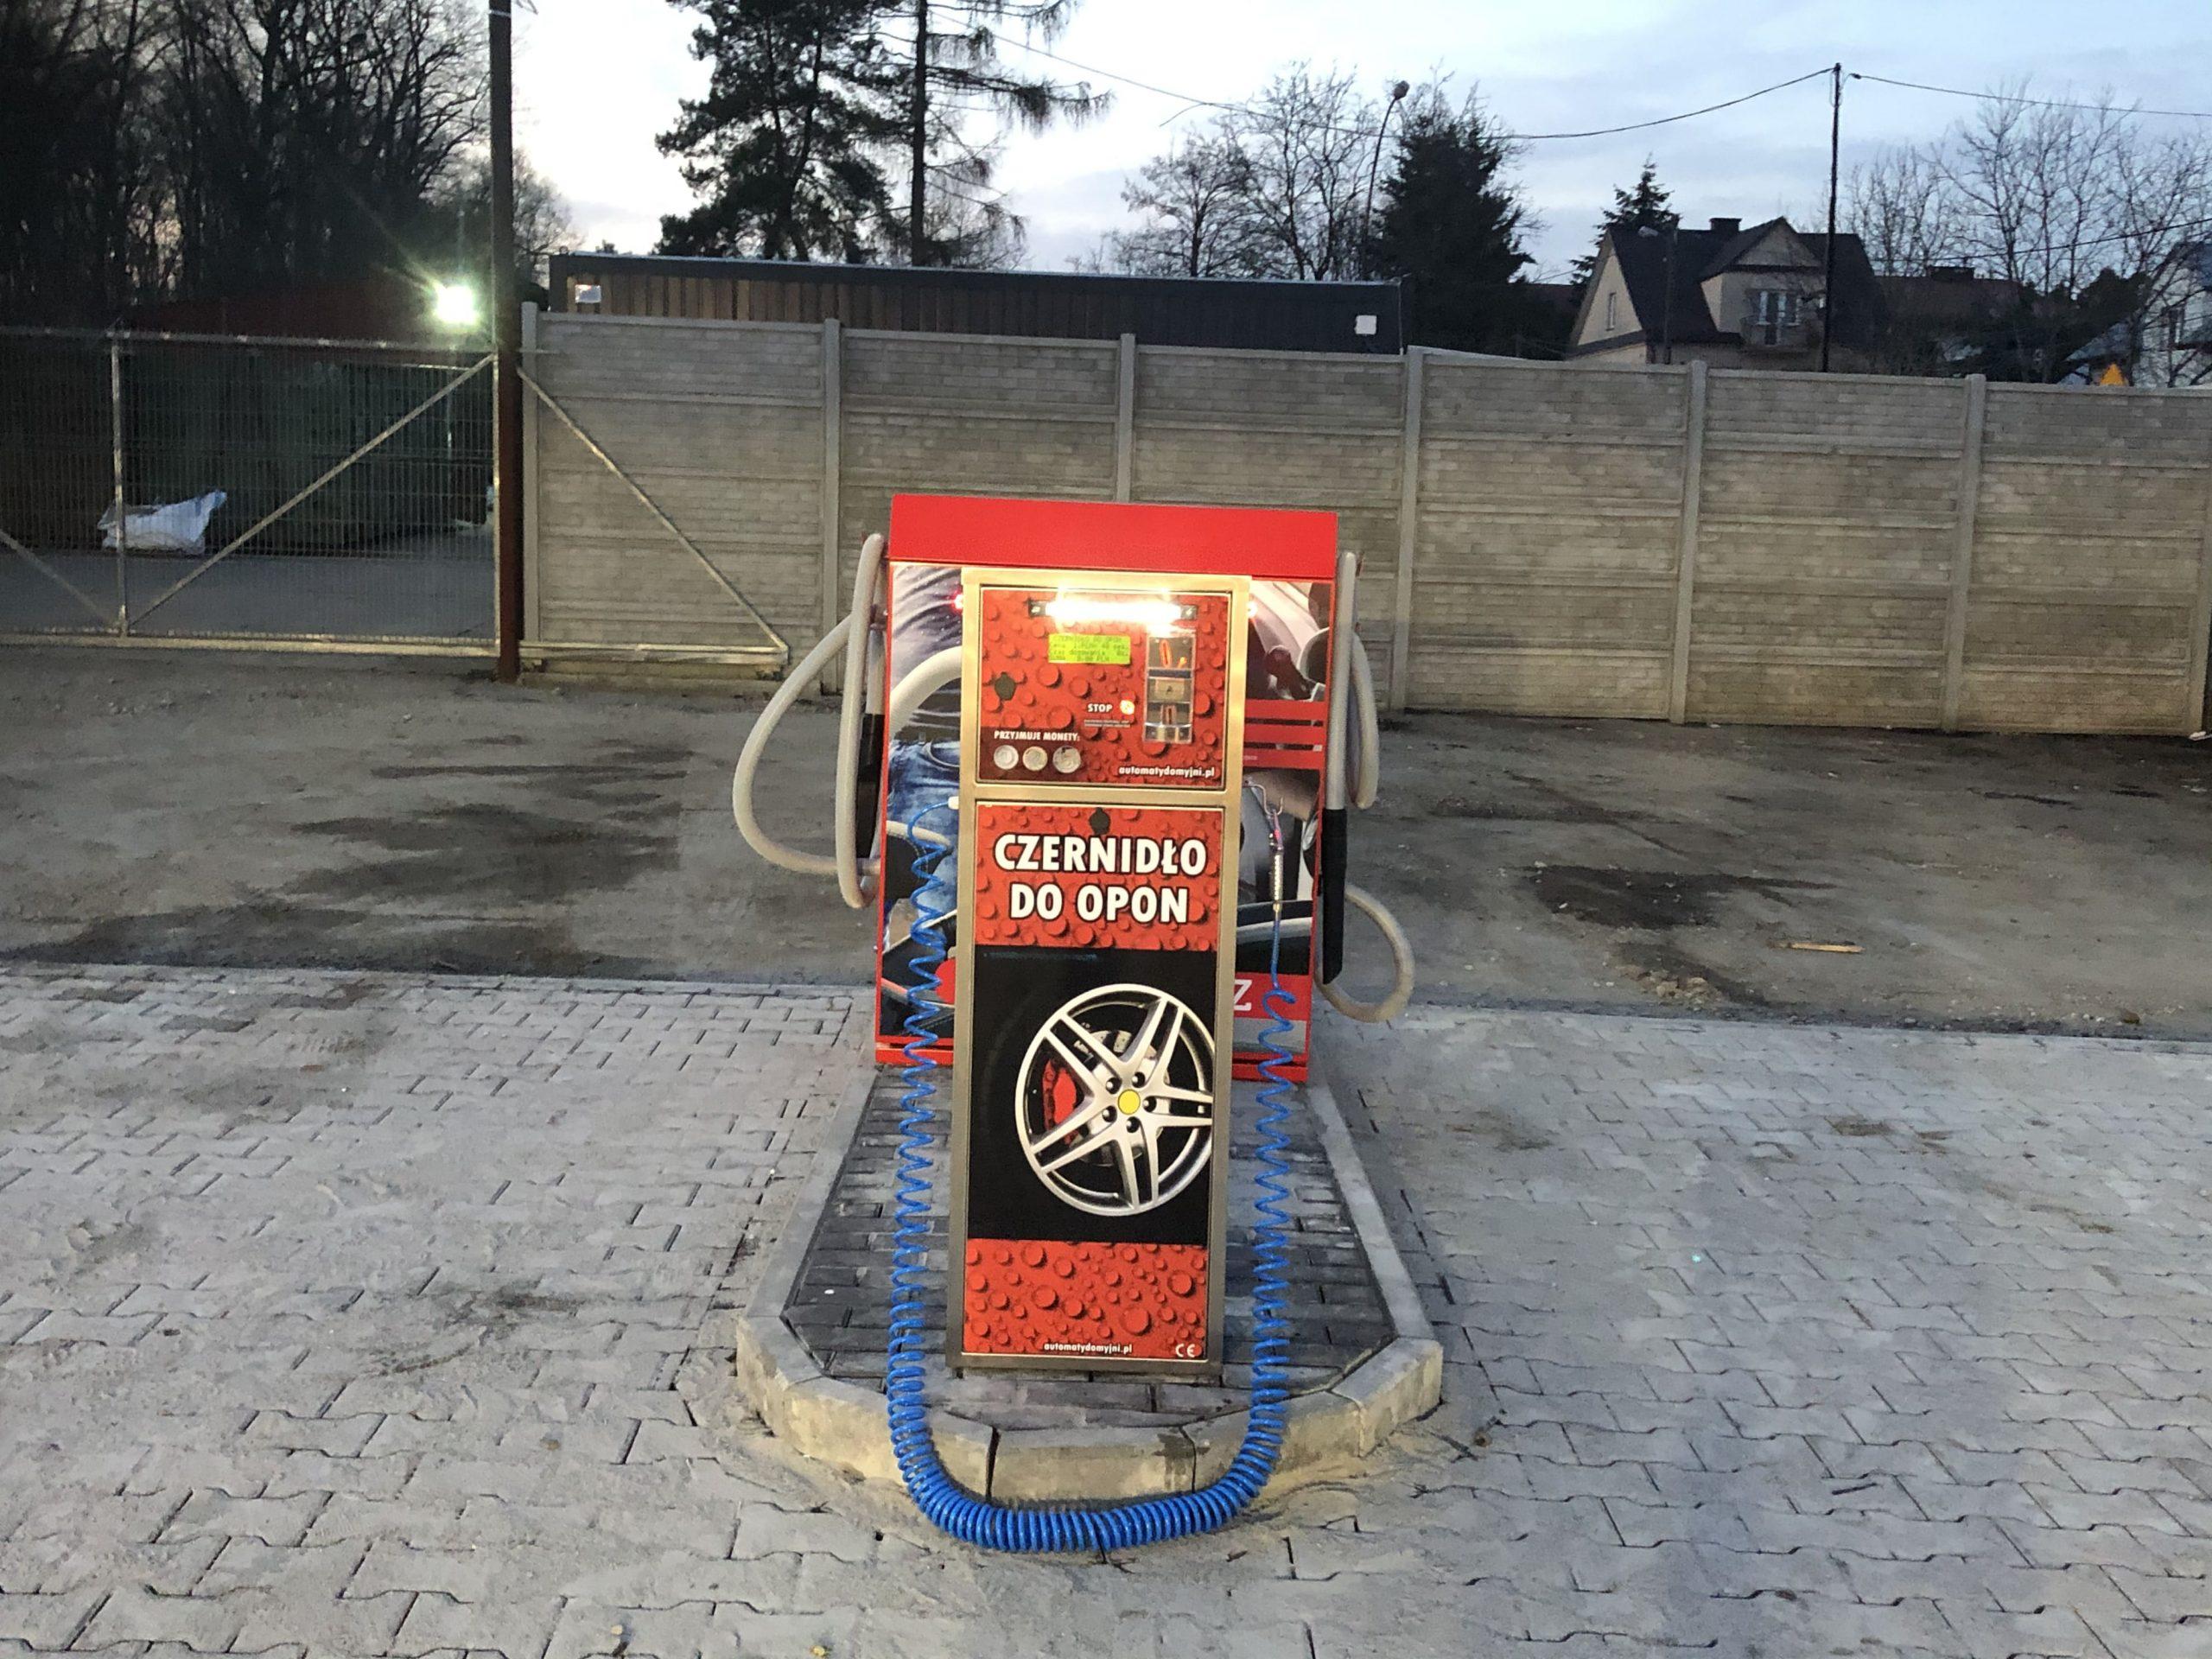 automat do myjni dystrybutor czernidła do opon Brzesko